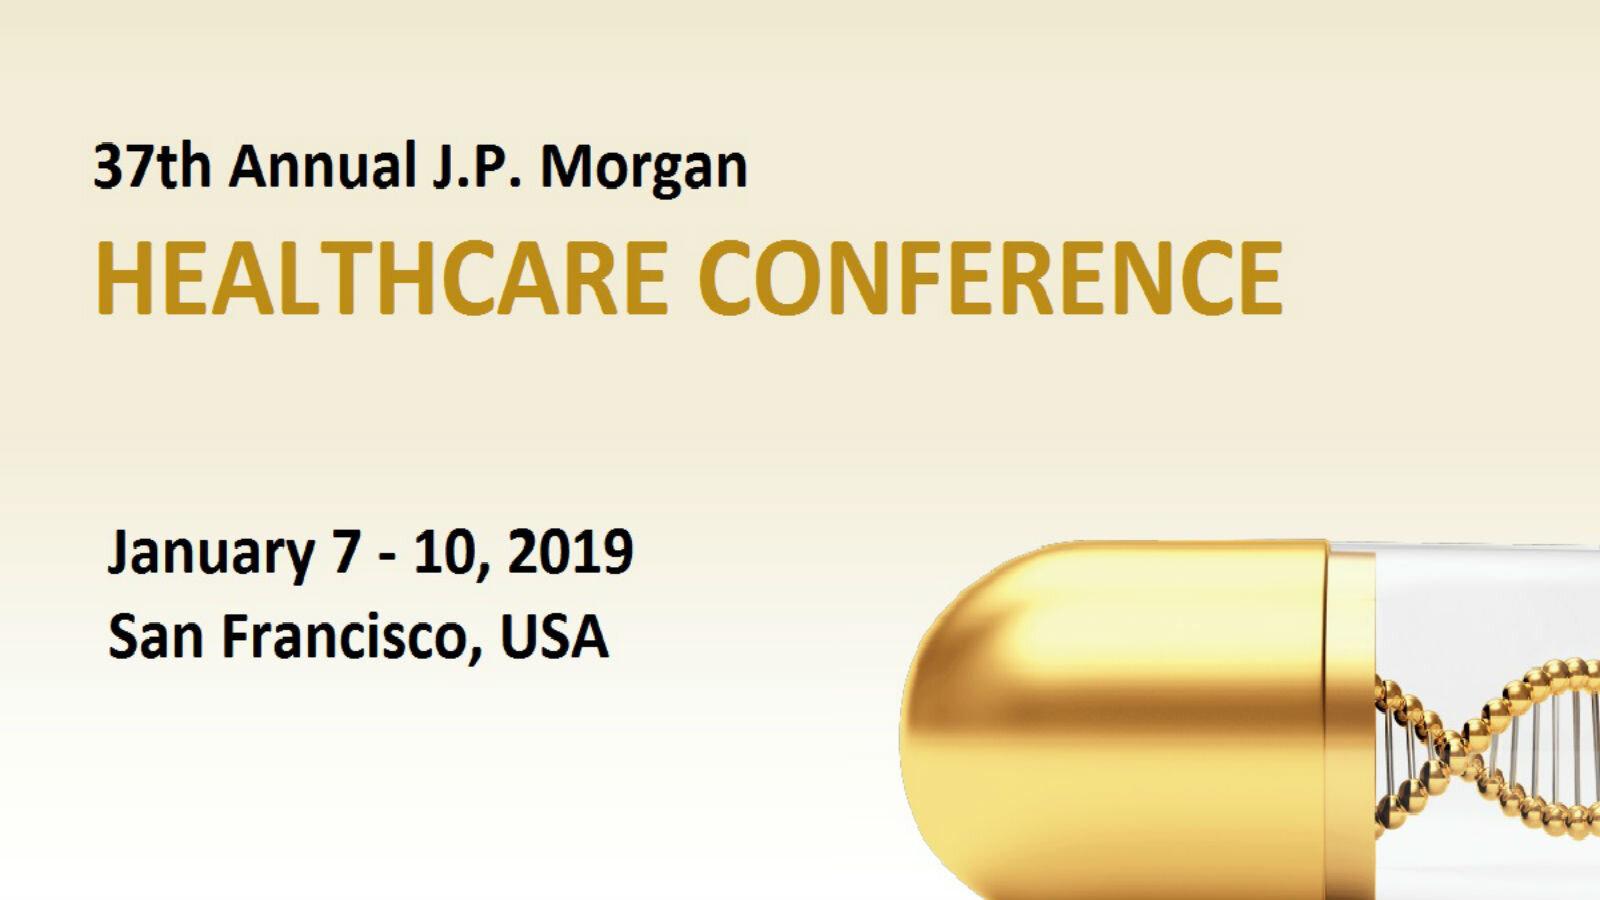 jp morgan healthcare conference 2019.jpg